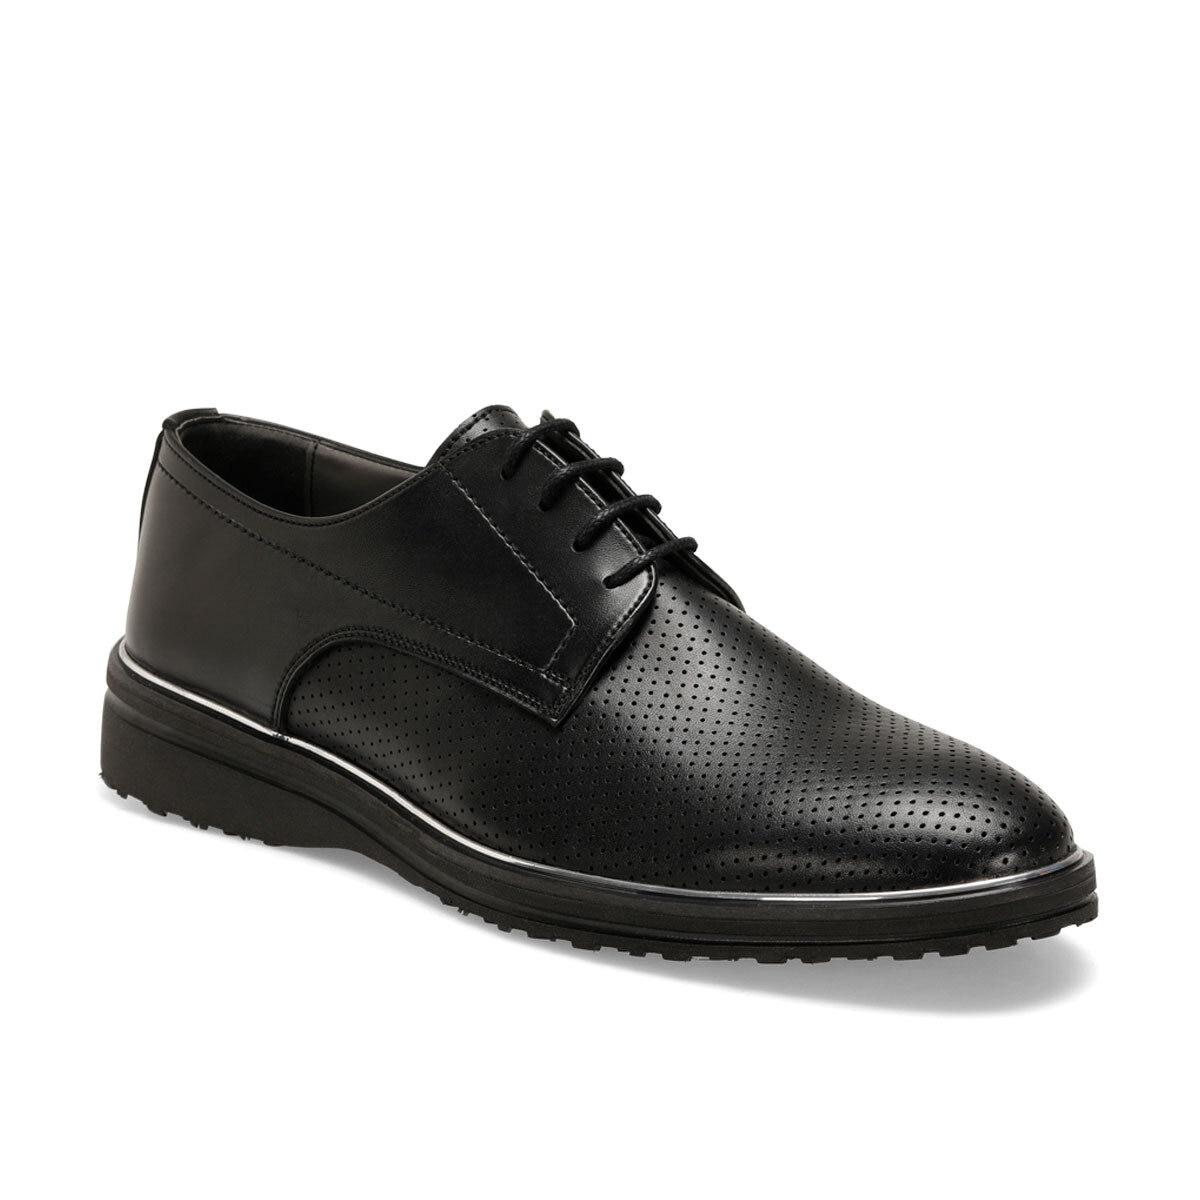 FLO 313-1 zapatos de vestir negros para hombre JJ-Stiller